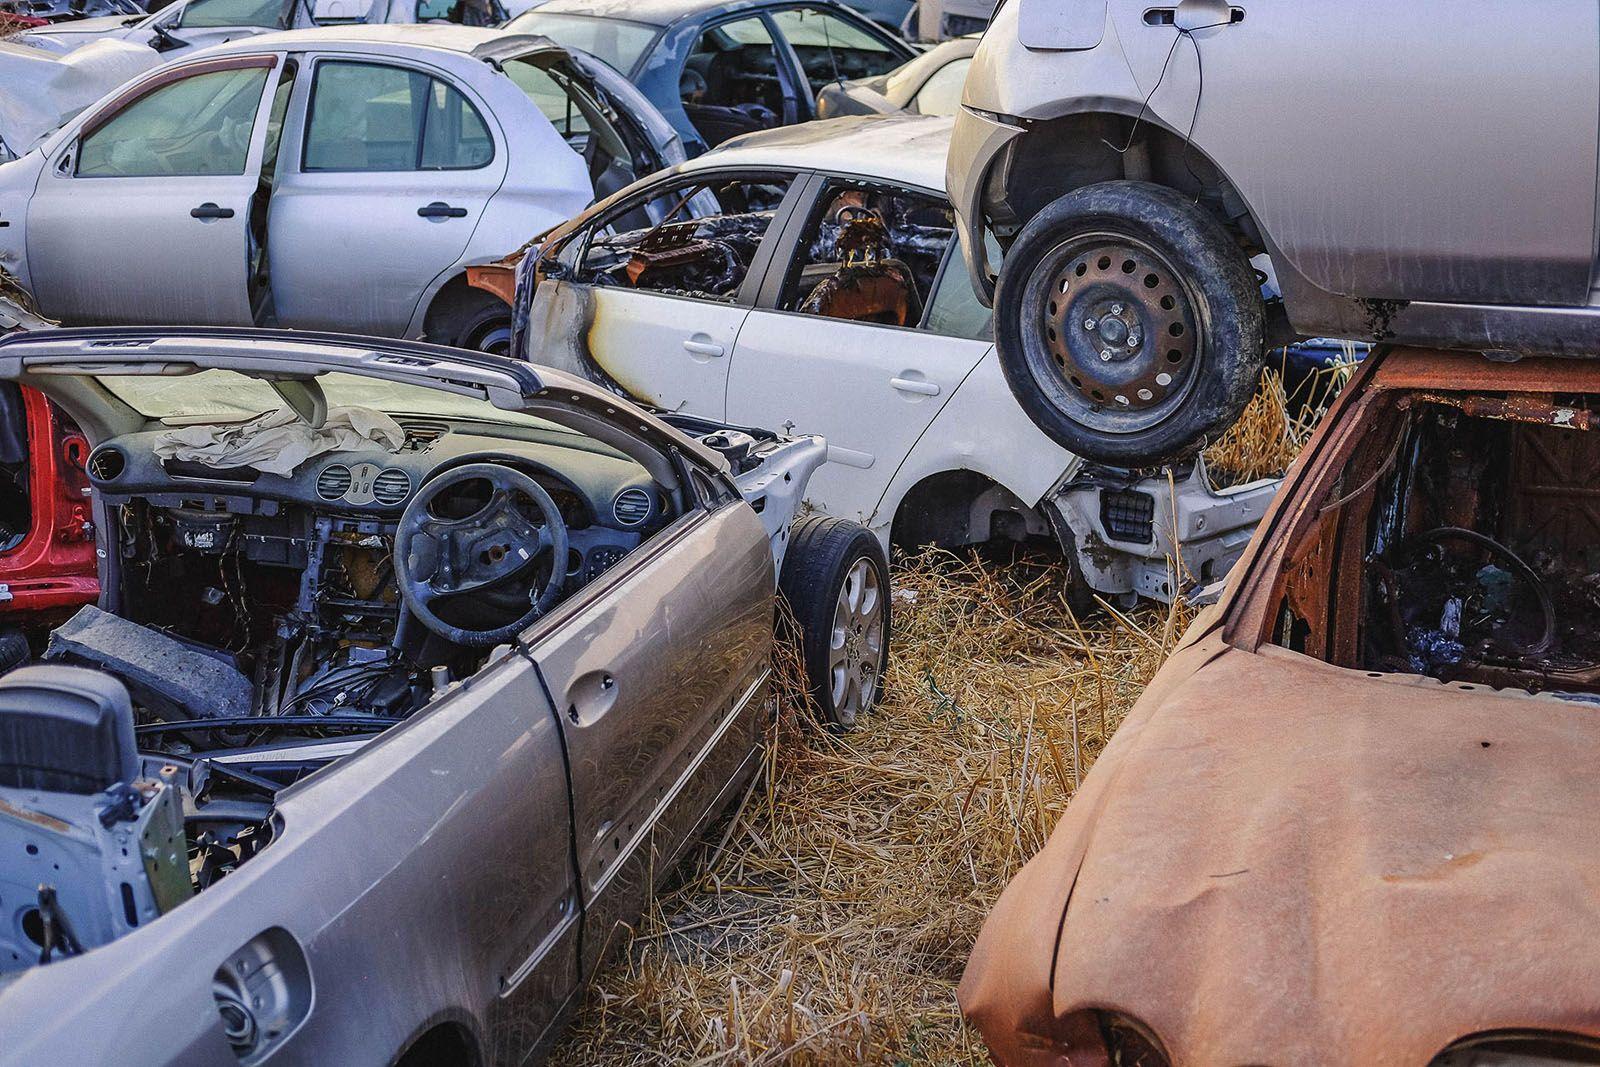 Звалище розбитих машин в Лімасолі на Кіпрі